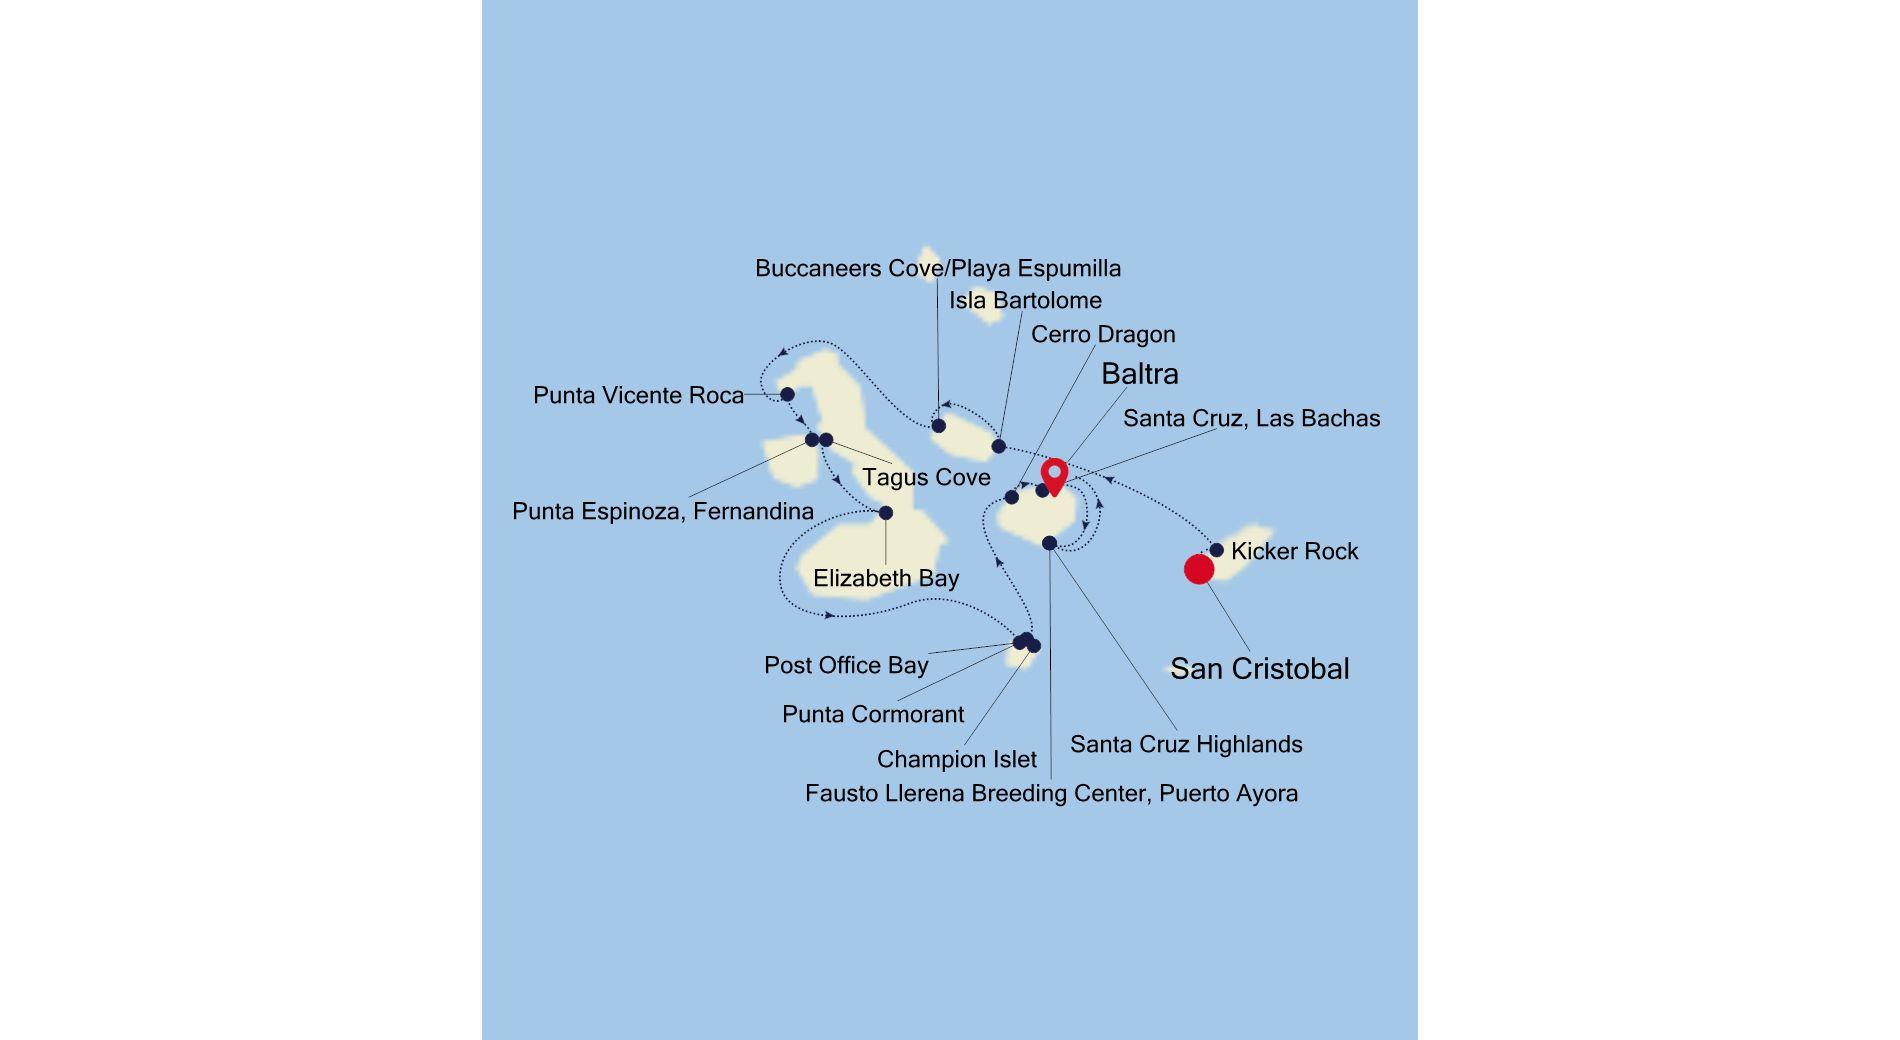 E2200704007 - San Cristobal to Baltra